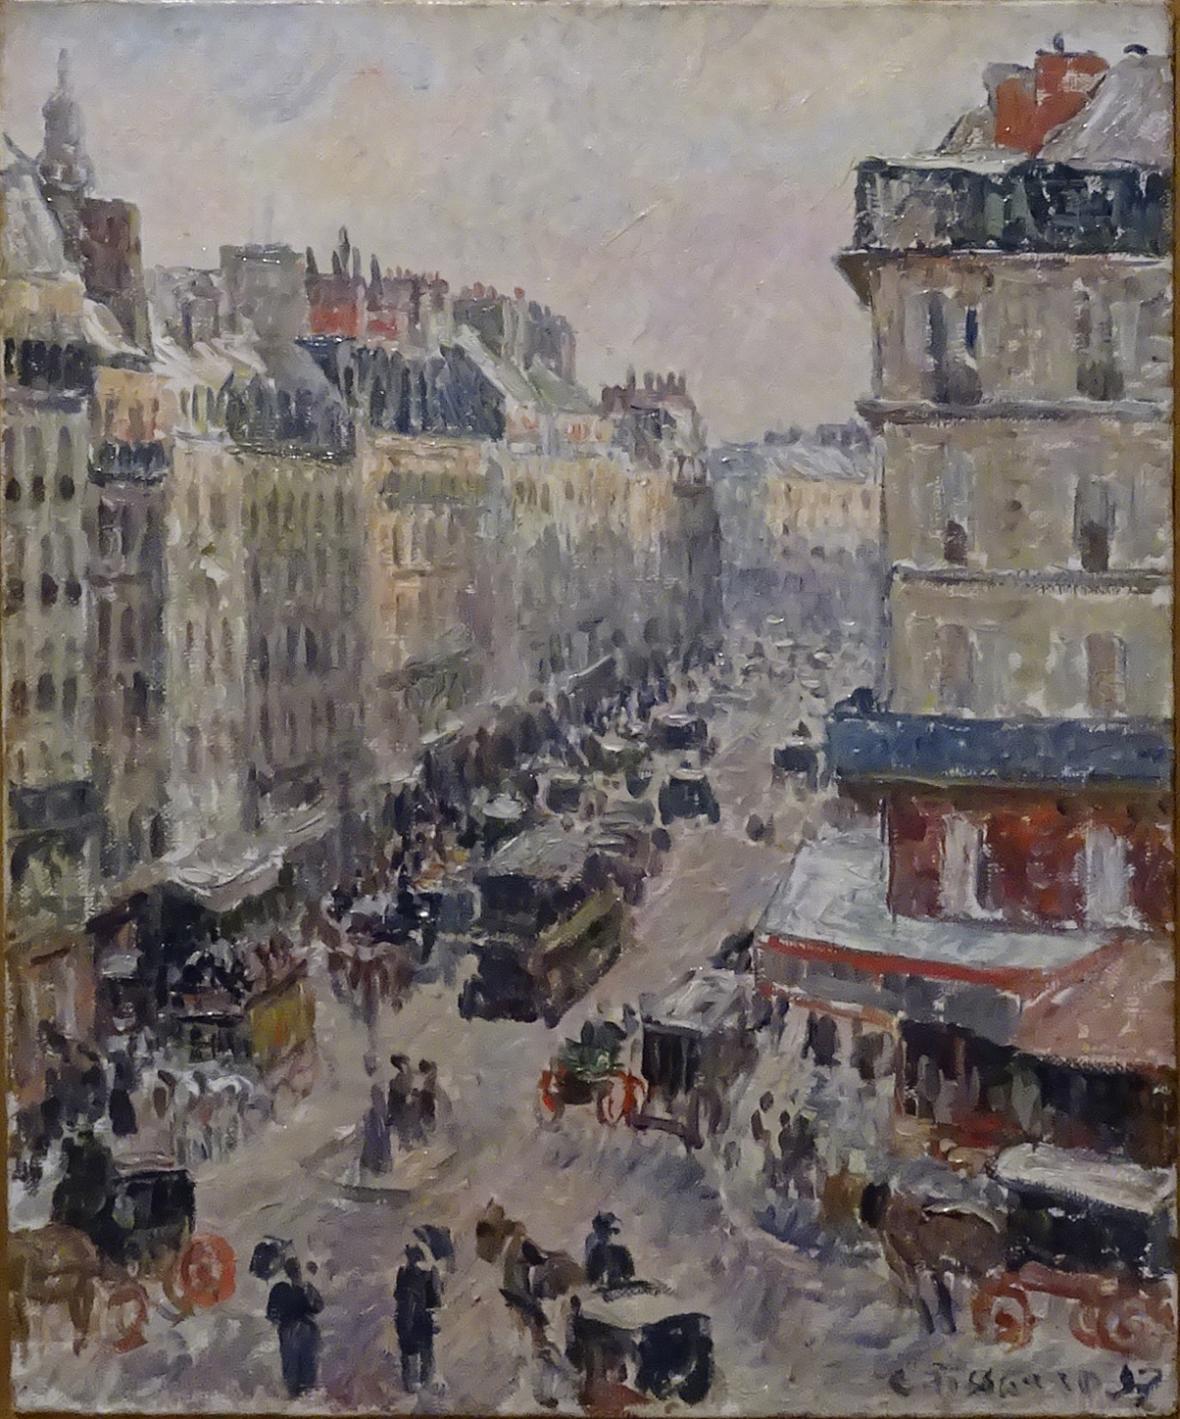 Camille Pissarro / Rue Saint-Lazare, Paris, 1897